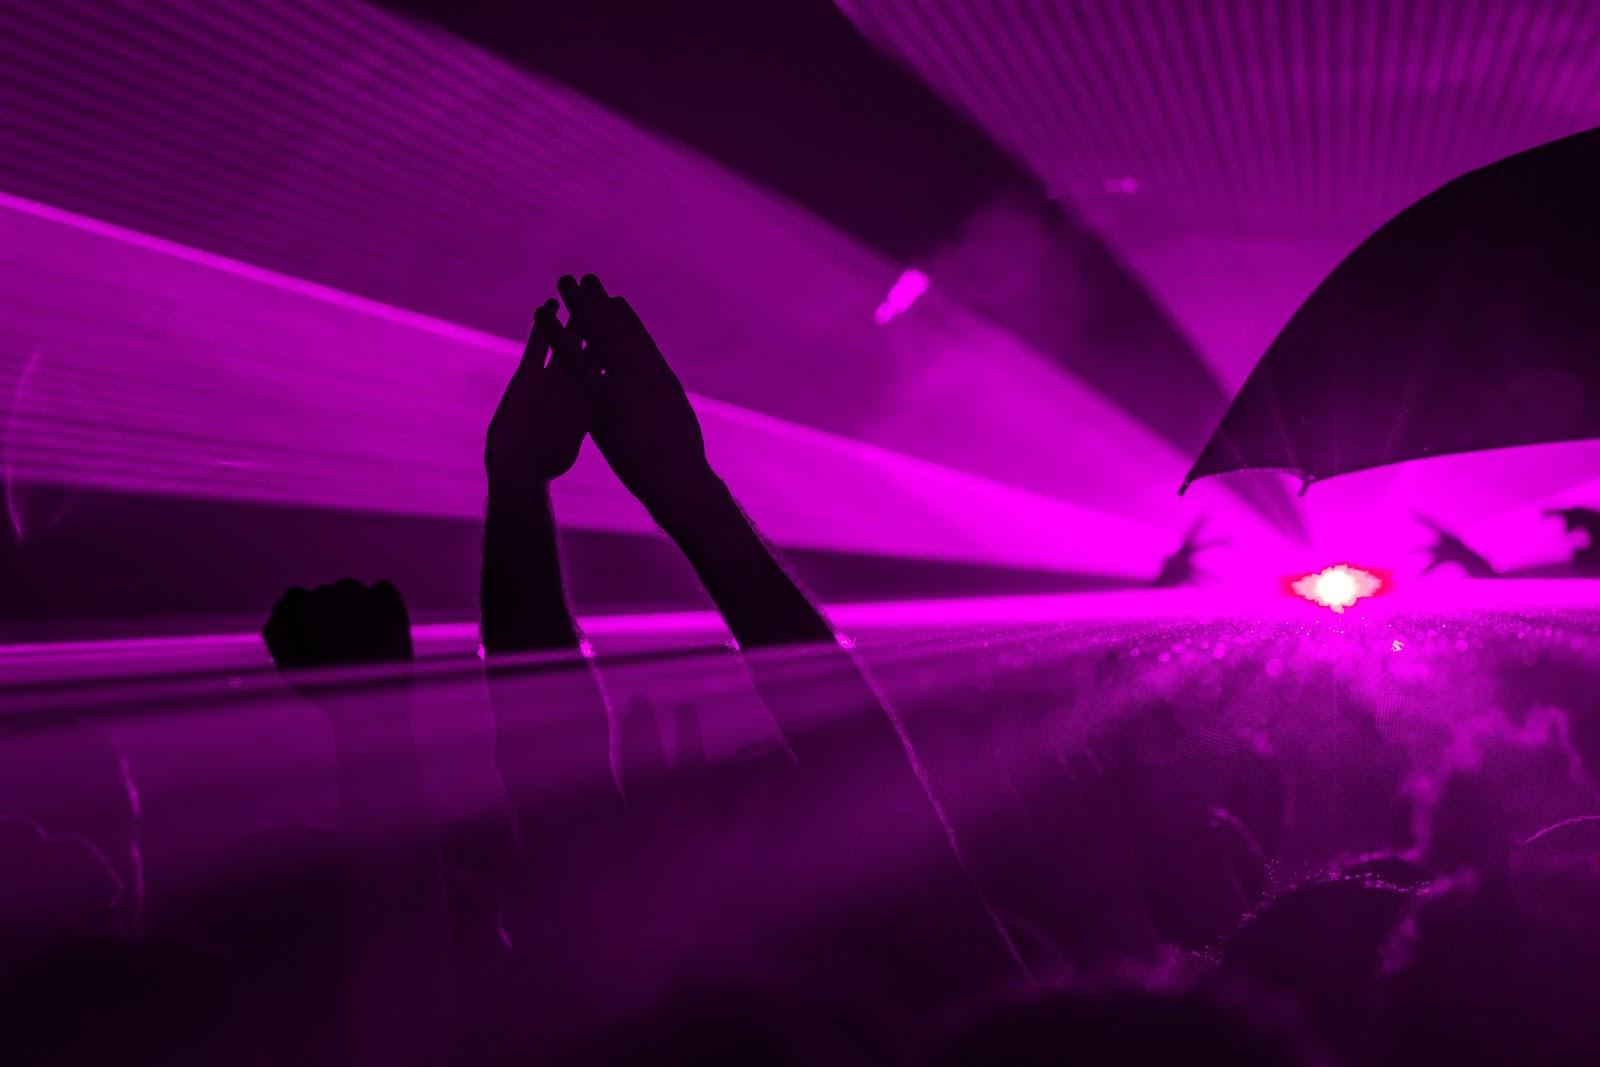 Festa con luci viola quasi tangibili che coprono tutto